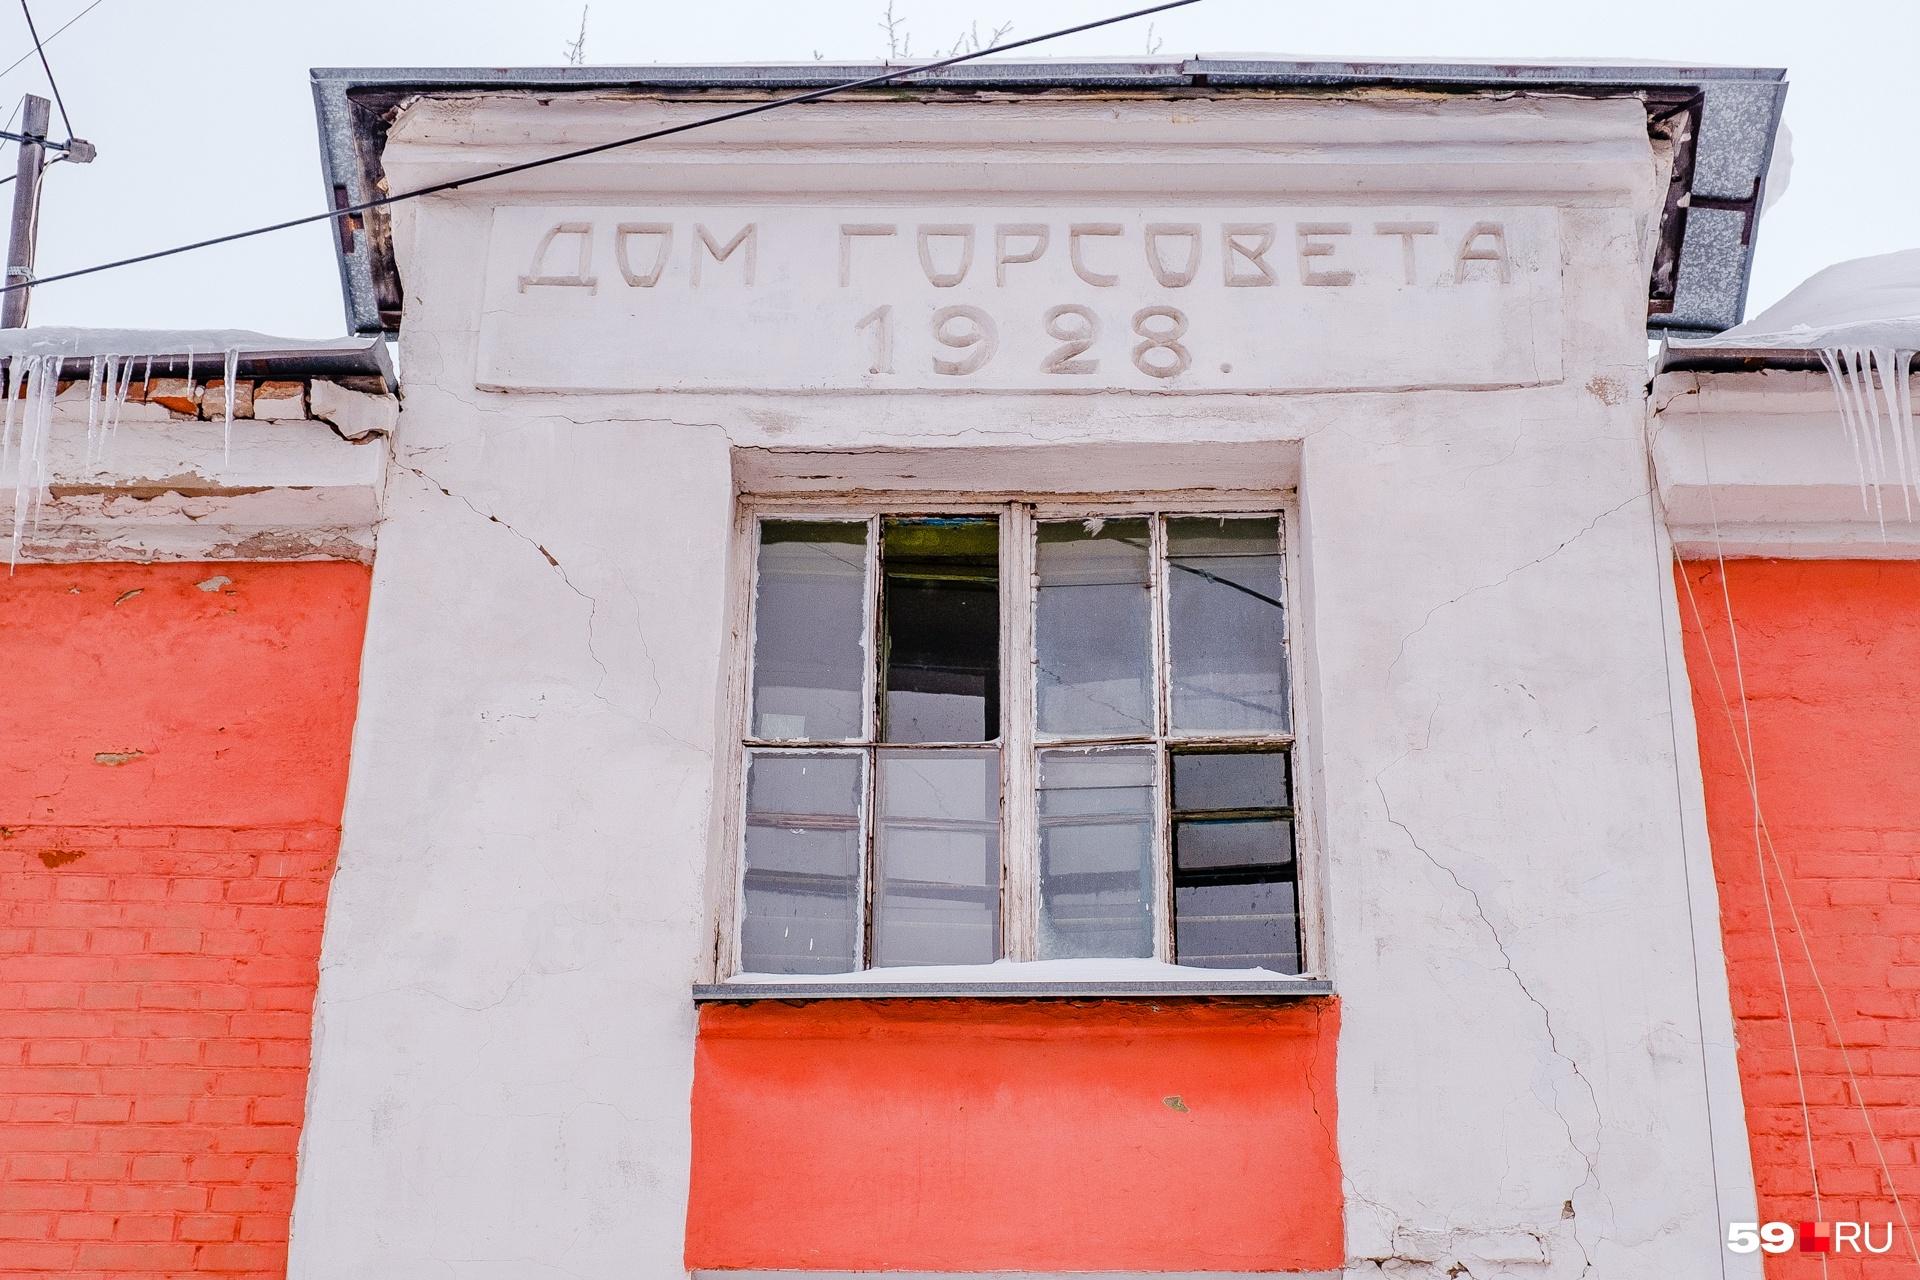 Год создания указан в верхней части здания